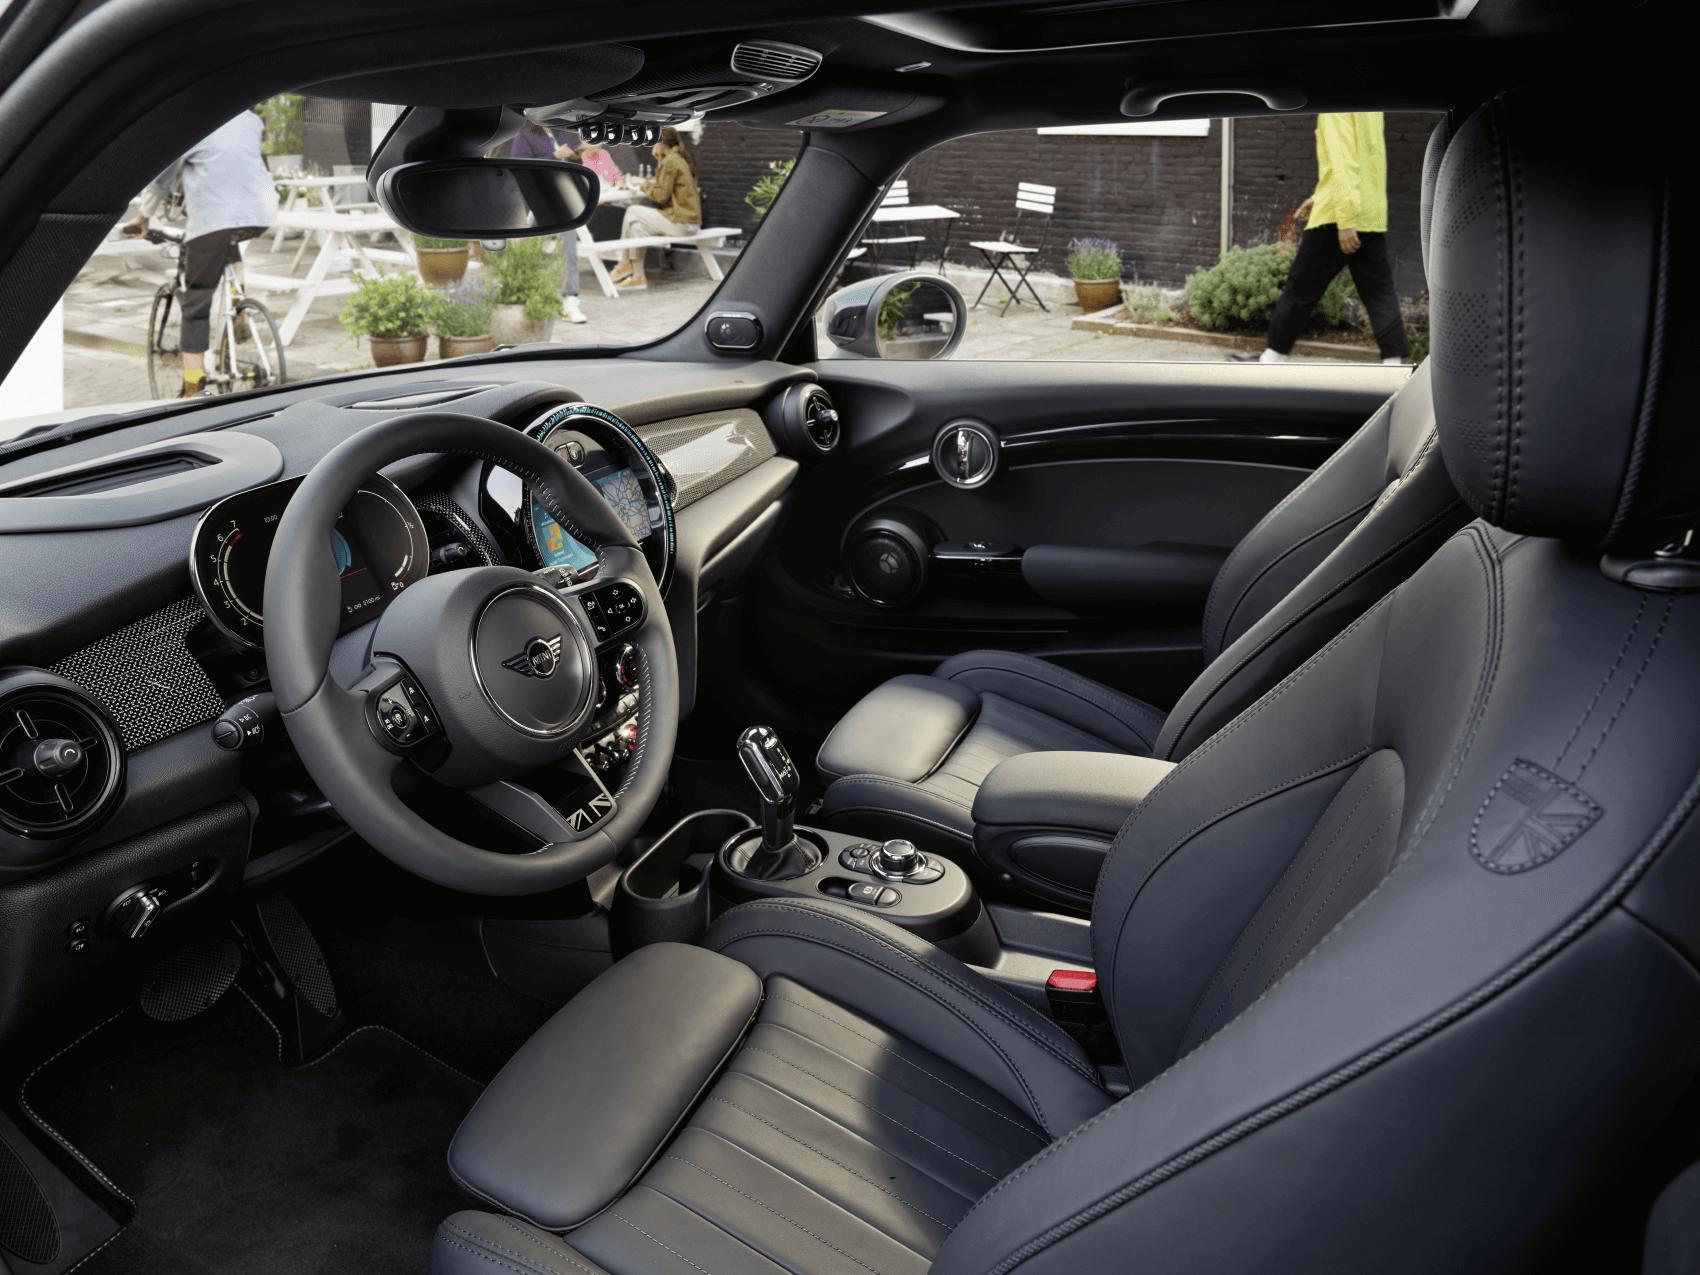 MINI Cooper 2 Door Hardtop Interior